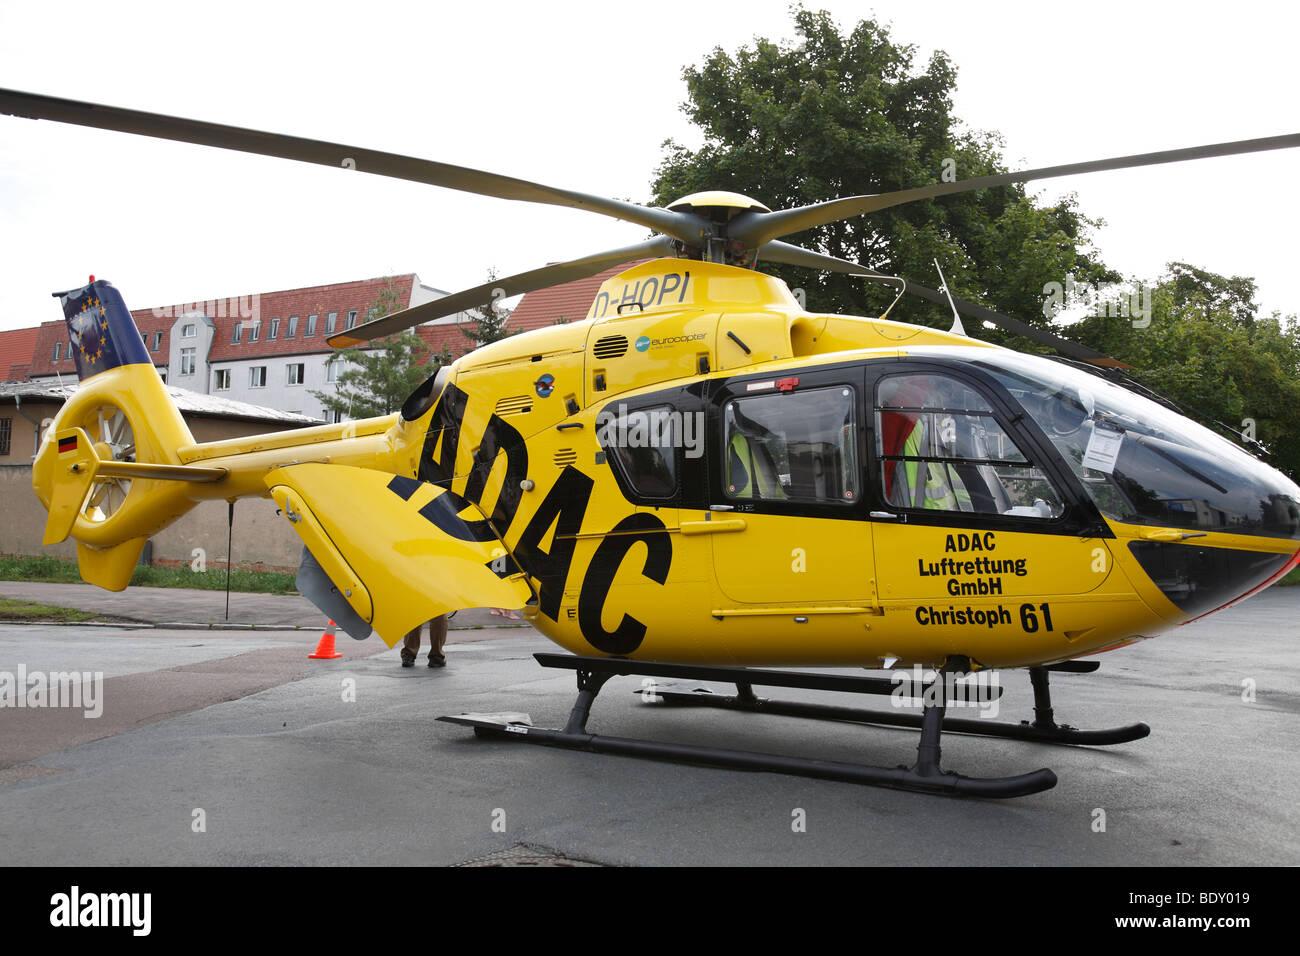 Helicóptero de rescate de la Asamblea de la Asociación automovilística alemana ADAC Imagen De Stock